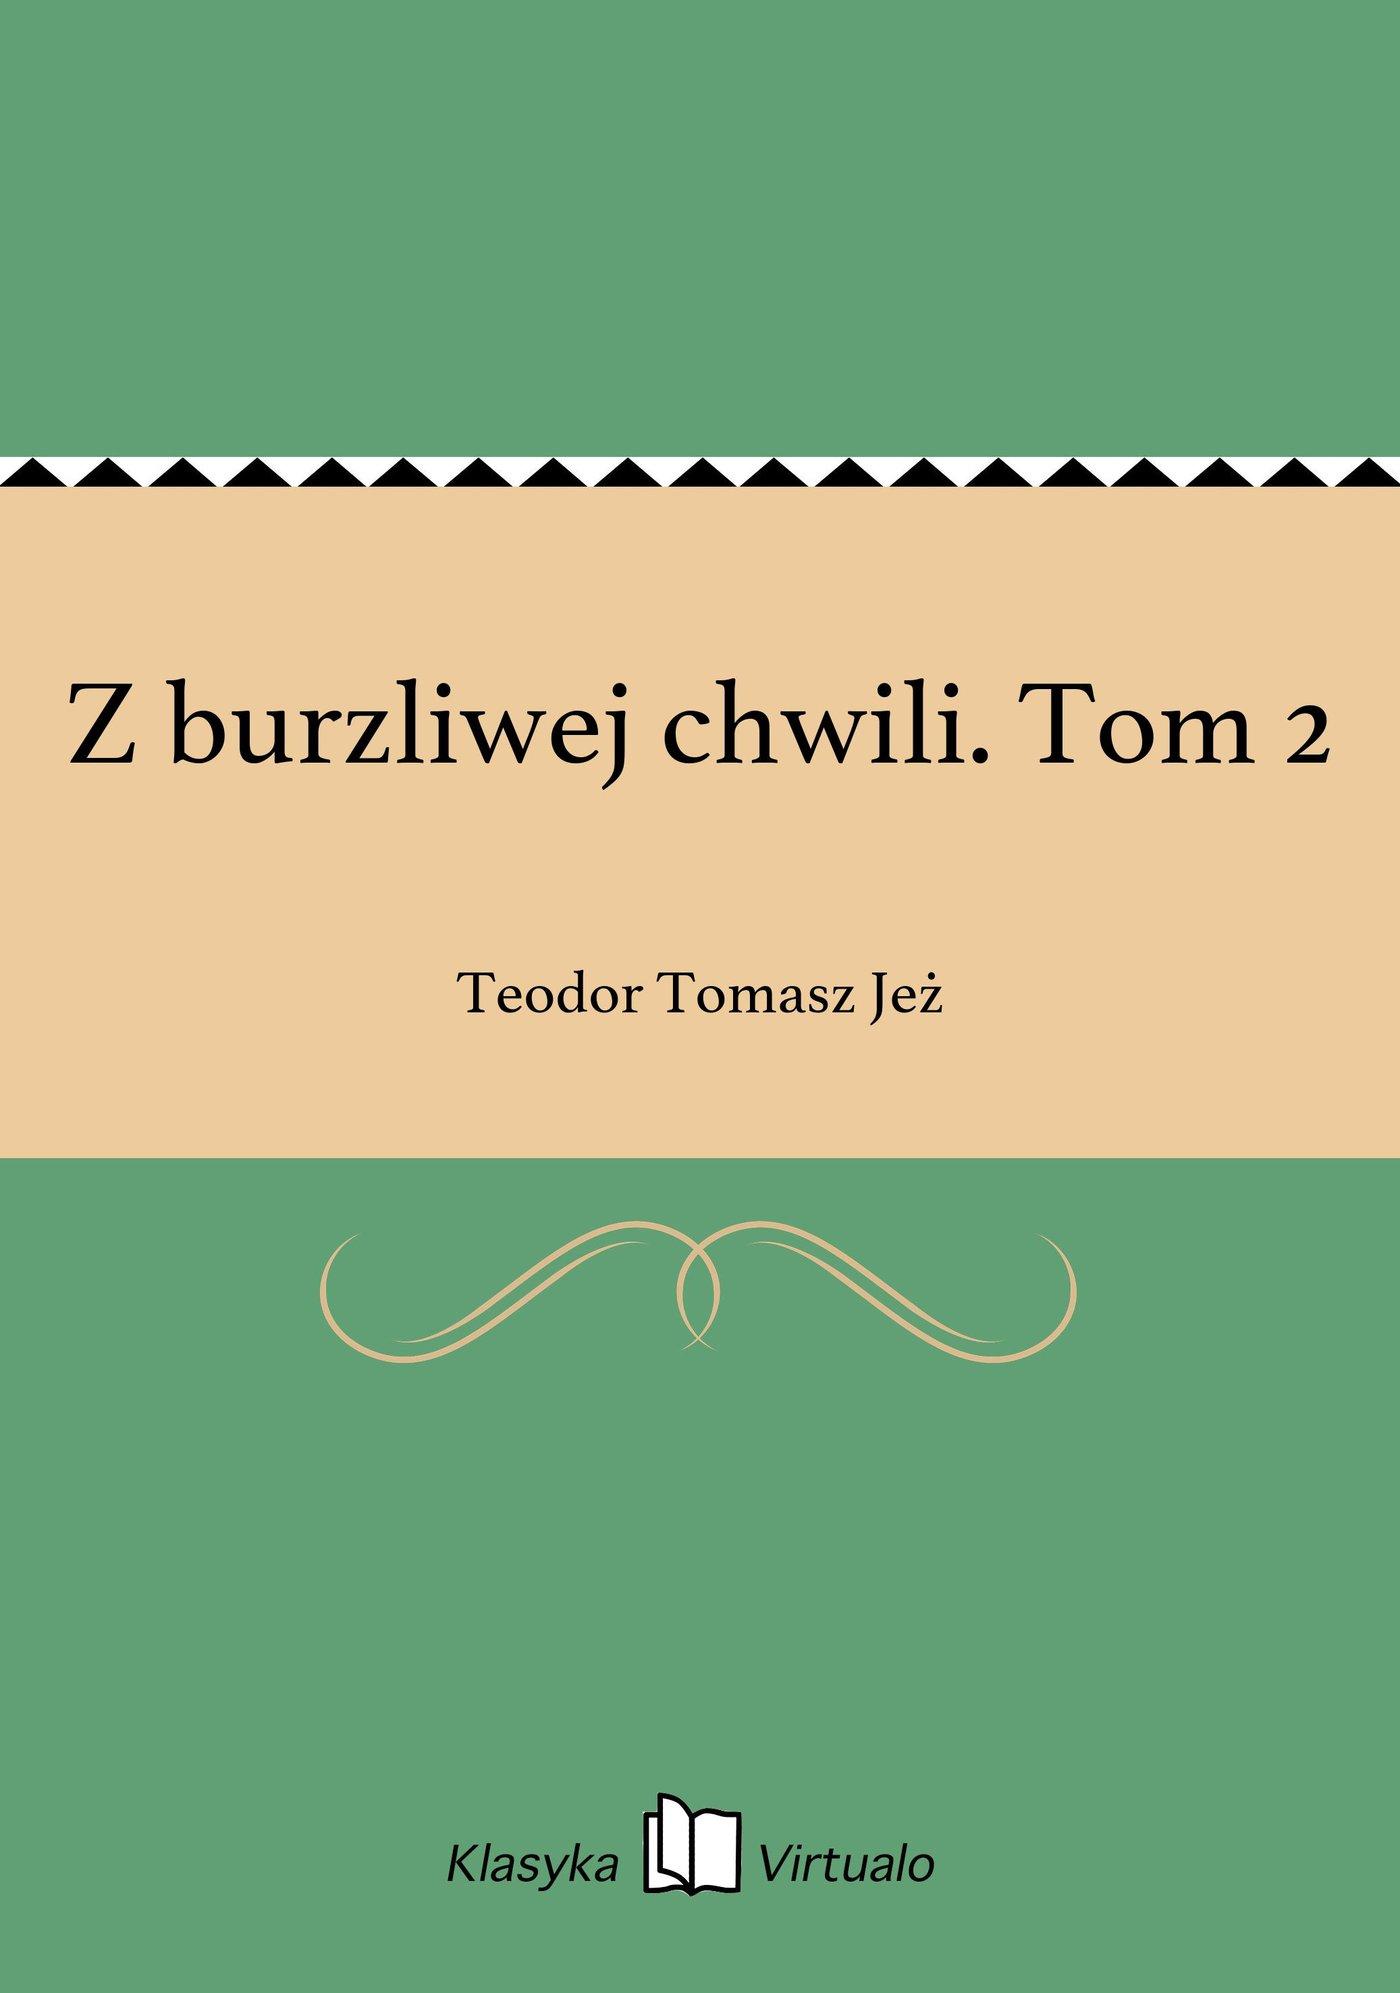 Z burzliwej chwili. Tom 2 - Ebook (Książka EPUB) do pobrania w formacie EPUB